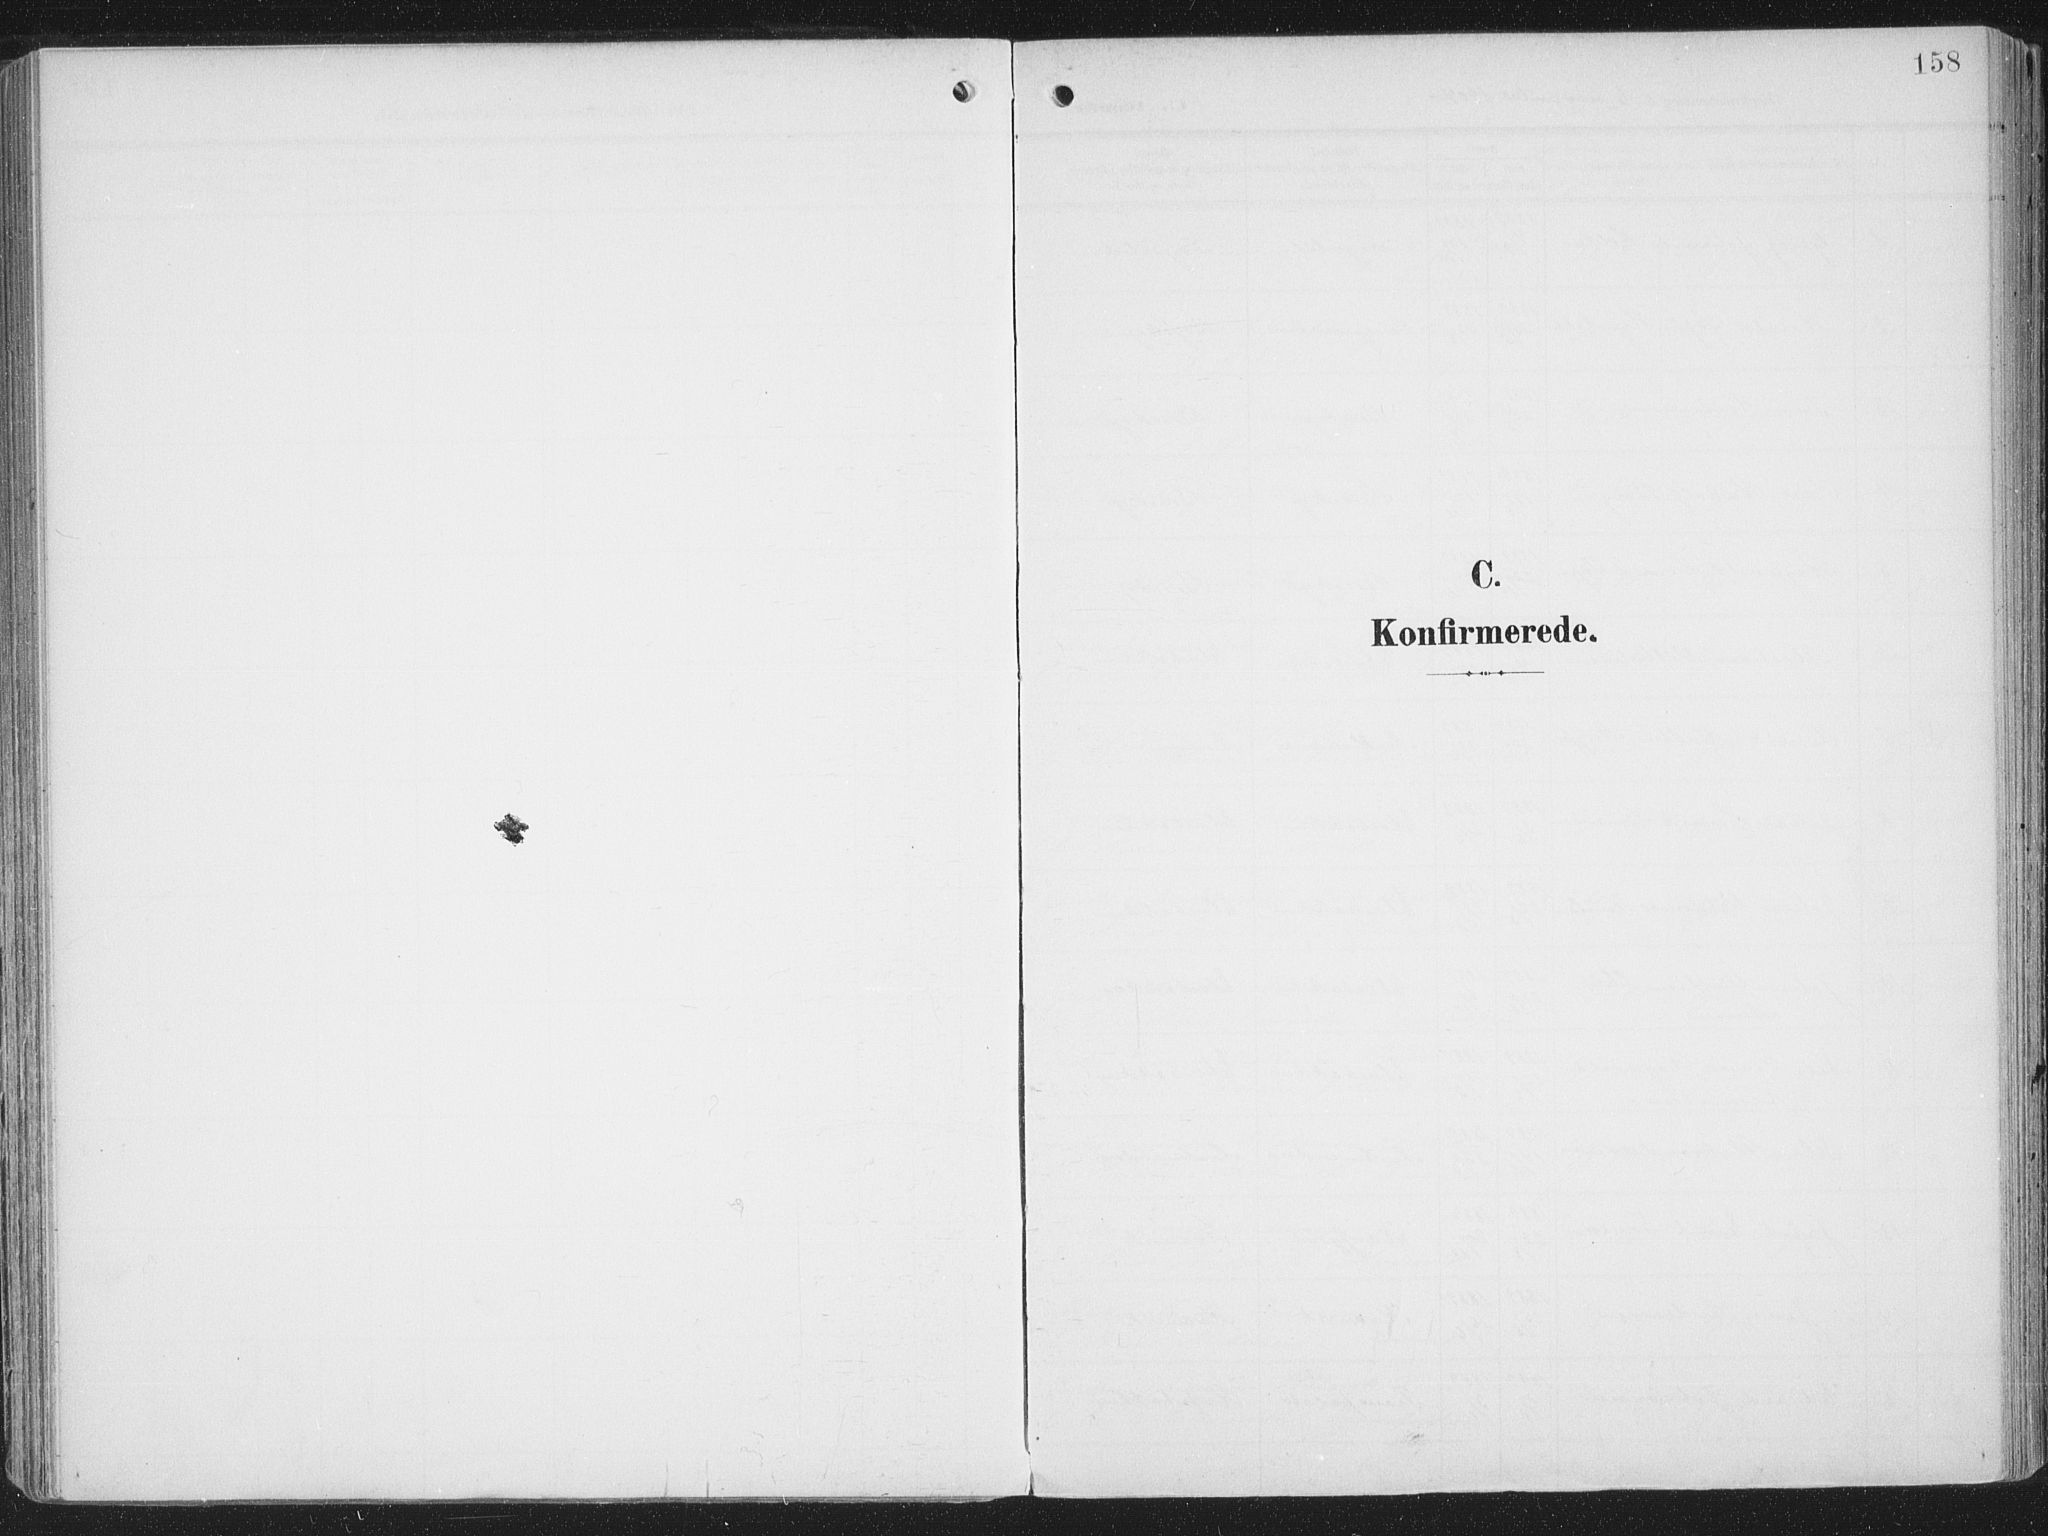 SATØ, Alta sokneprestembete, Ministerialbok nr. 5, 1904-1918, s. 158